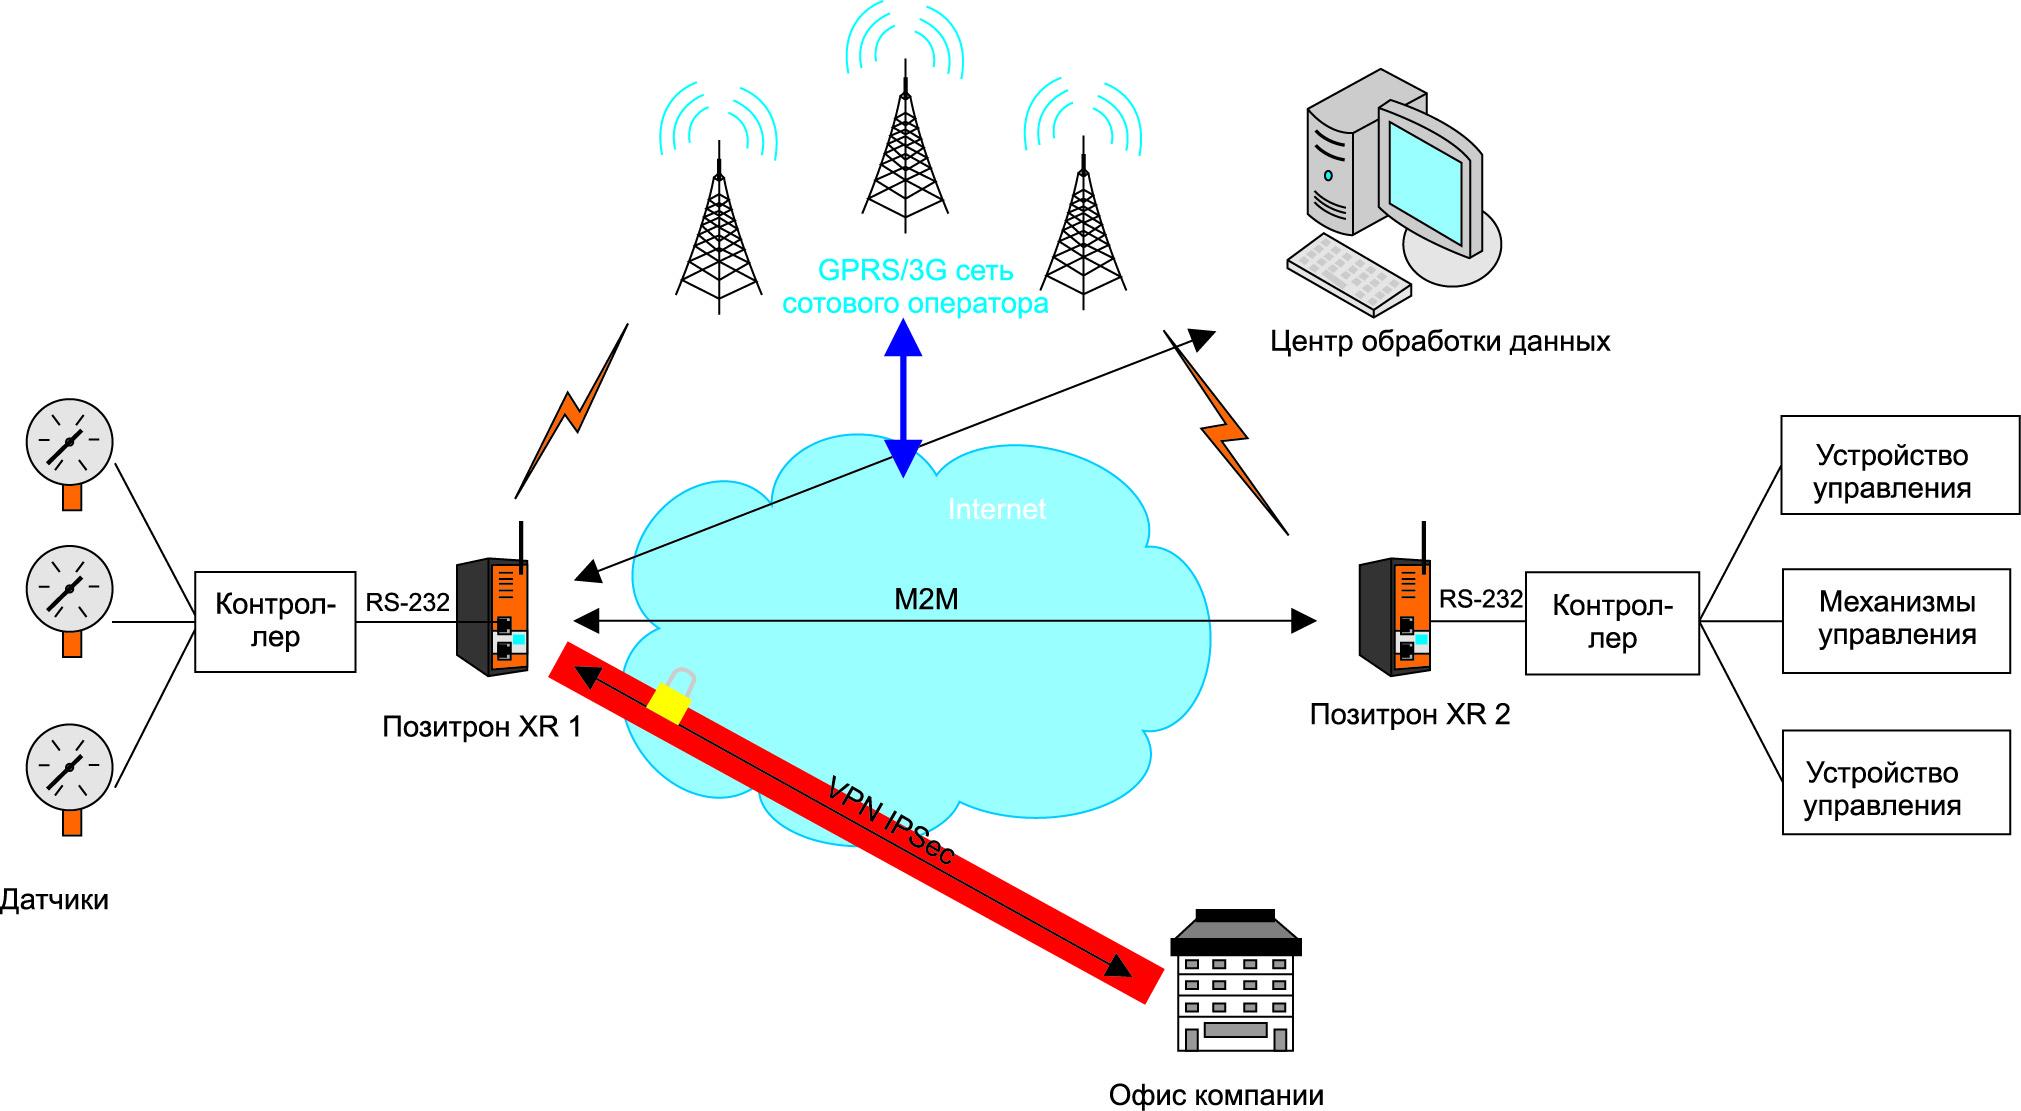 Распределенная система мониторинга удаленных объектов с применением 3G-роутера «Позитрон XR»